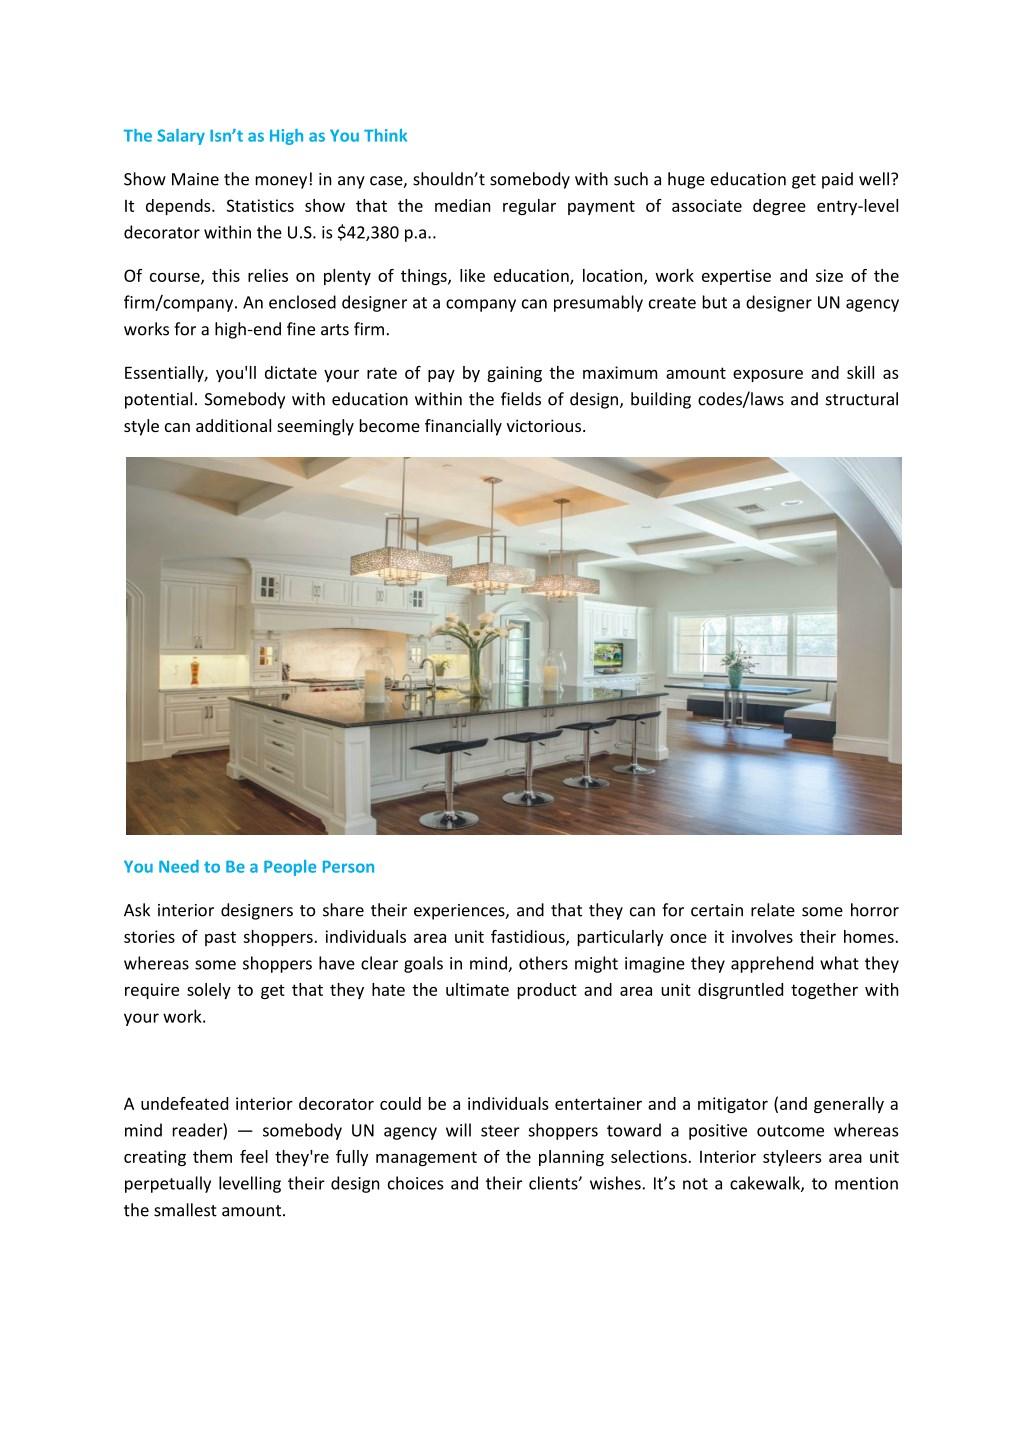 Ppt Interior Designers And Decorators Thestudiobangalore